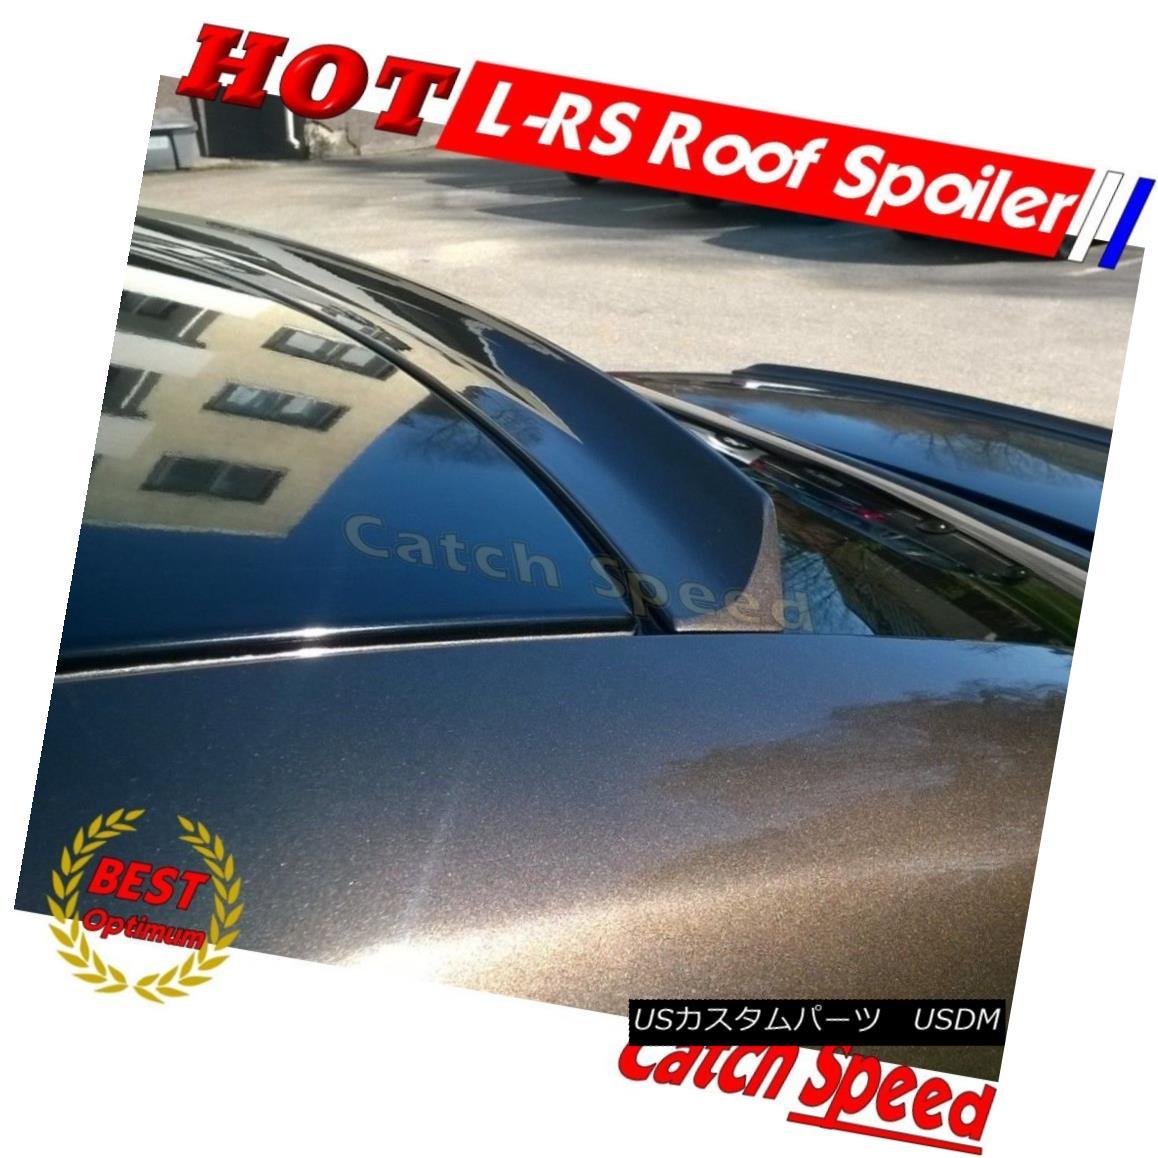 エアロパーツ Painted LRS Rear Window Roof Visor Spoiler For 5-series BMW E60 Sedan 2004~09 ? 5シリーズBMW E60セダン2004年09月のための塗装LRSリアウィンドウルーフバイザースポイラー?